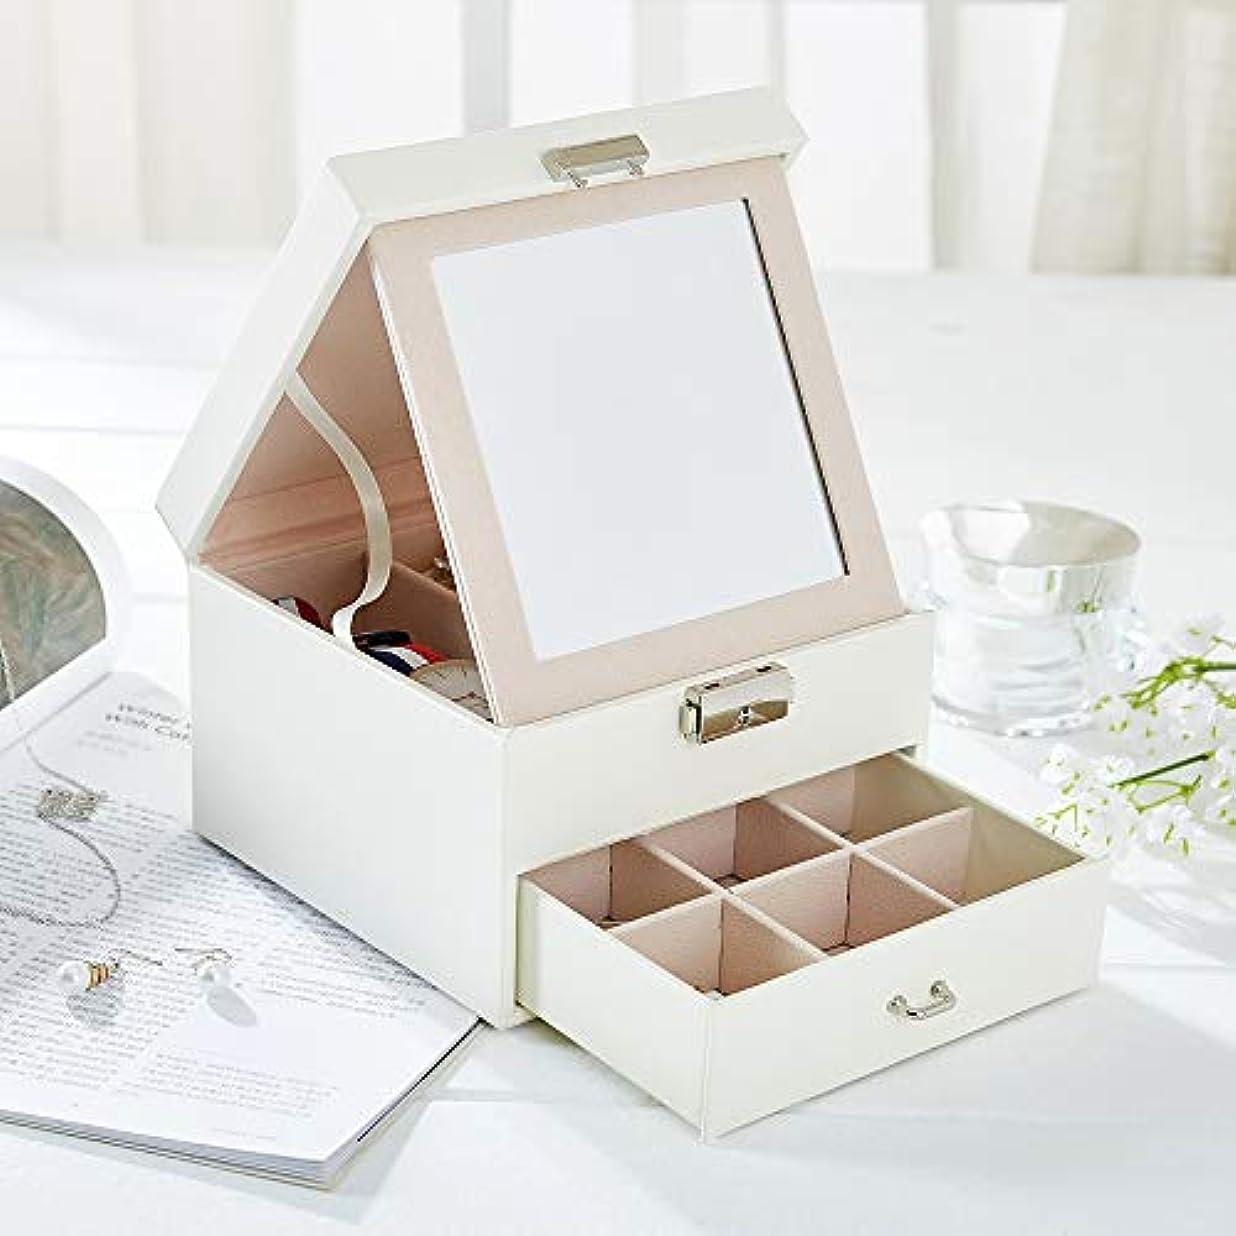 こねる活気づく世辞Diolan ジュエリー収納ケース ジュエリーボックス ミラー付き 2段収納 イヤリング 指輪 腕時計などを収納できる (ホワイト)